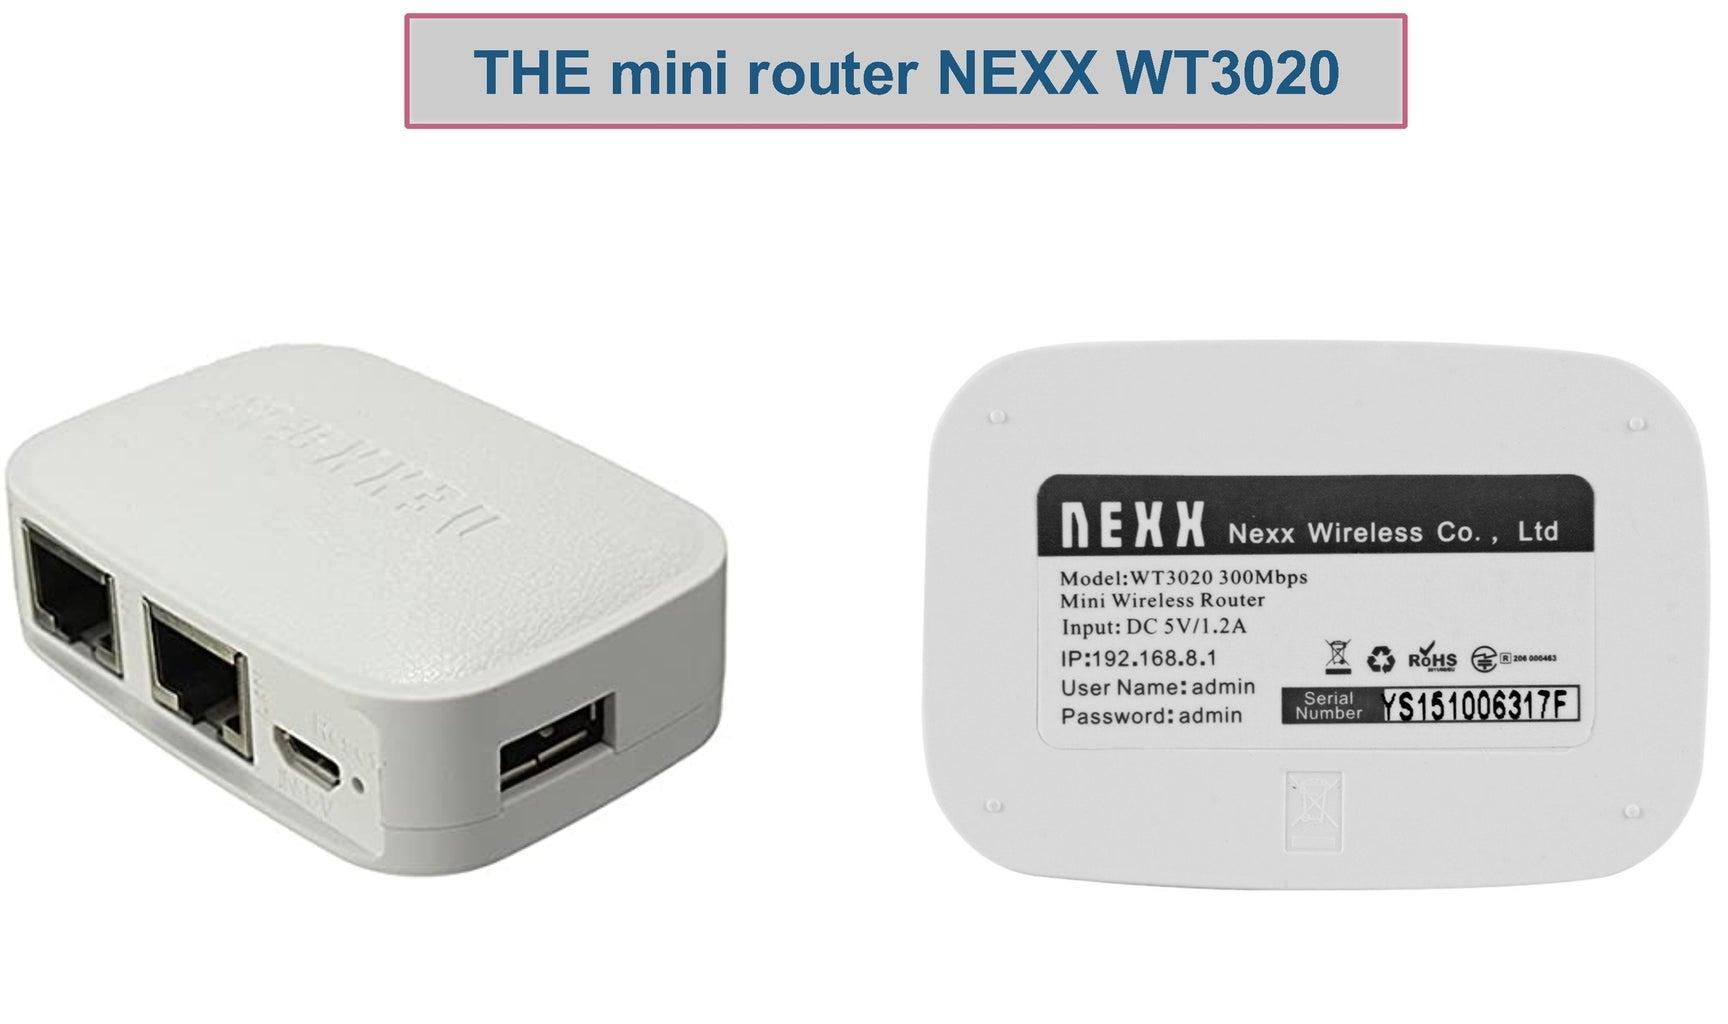 NEXX Wifi Router As 2 Ways Router